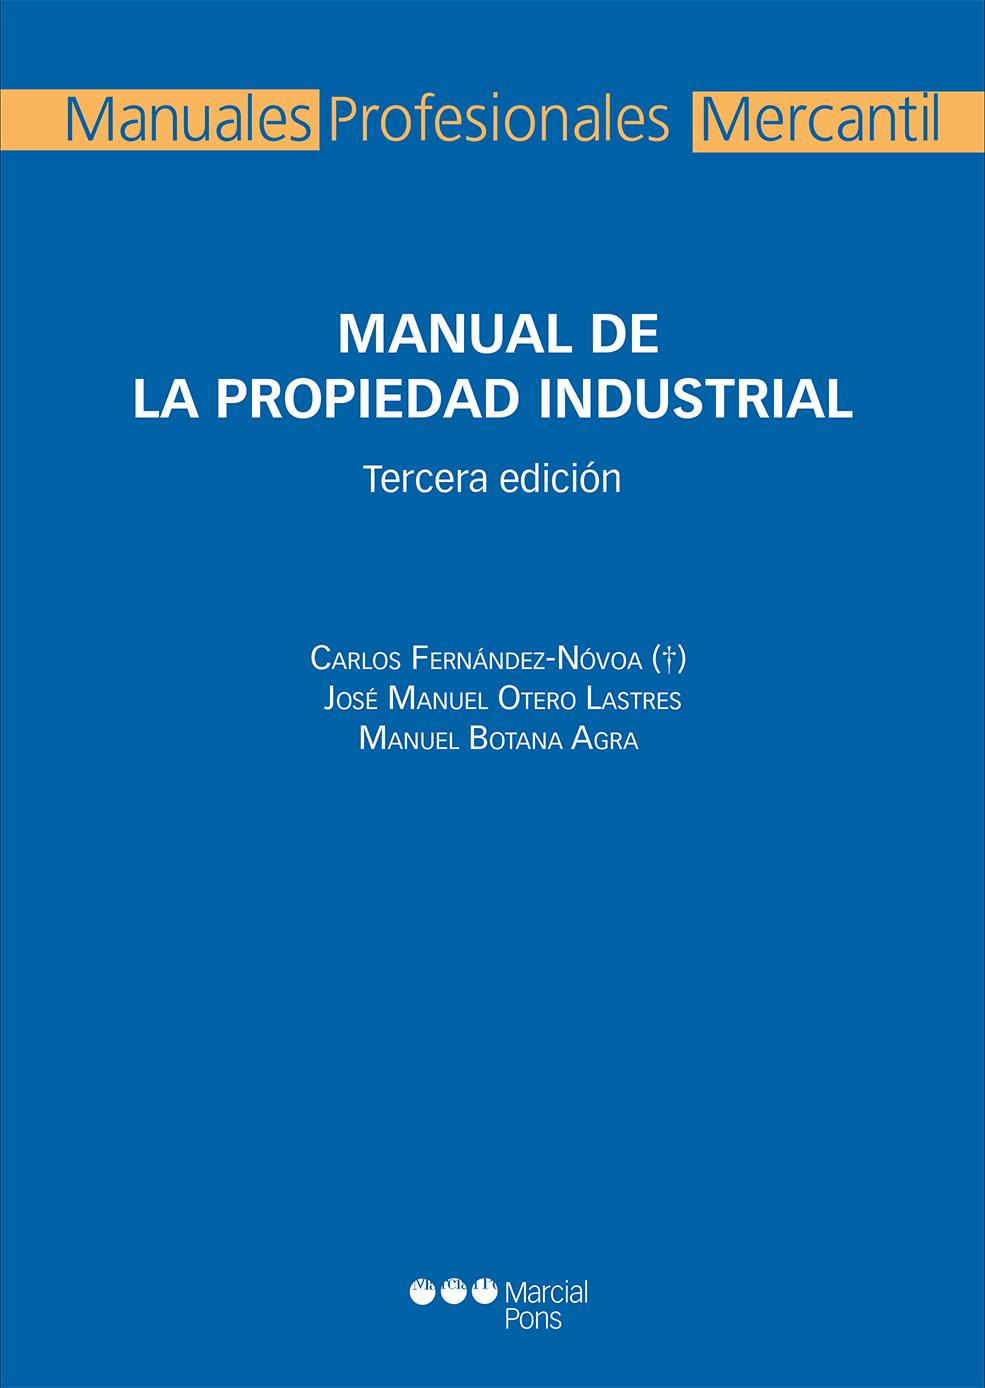 Manual de la propiedad industrial librer a bosch - Libreria marcial pons barcelona ...